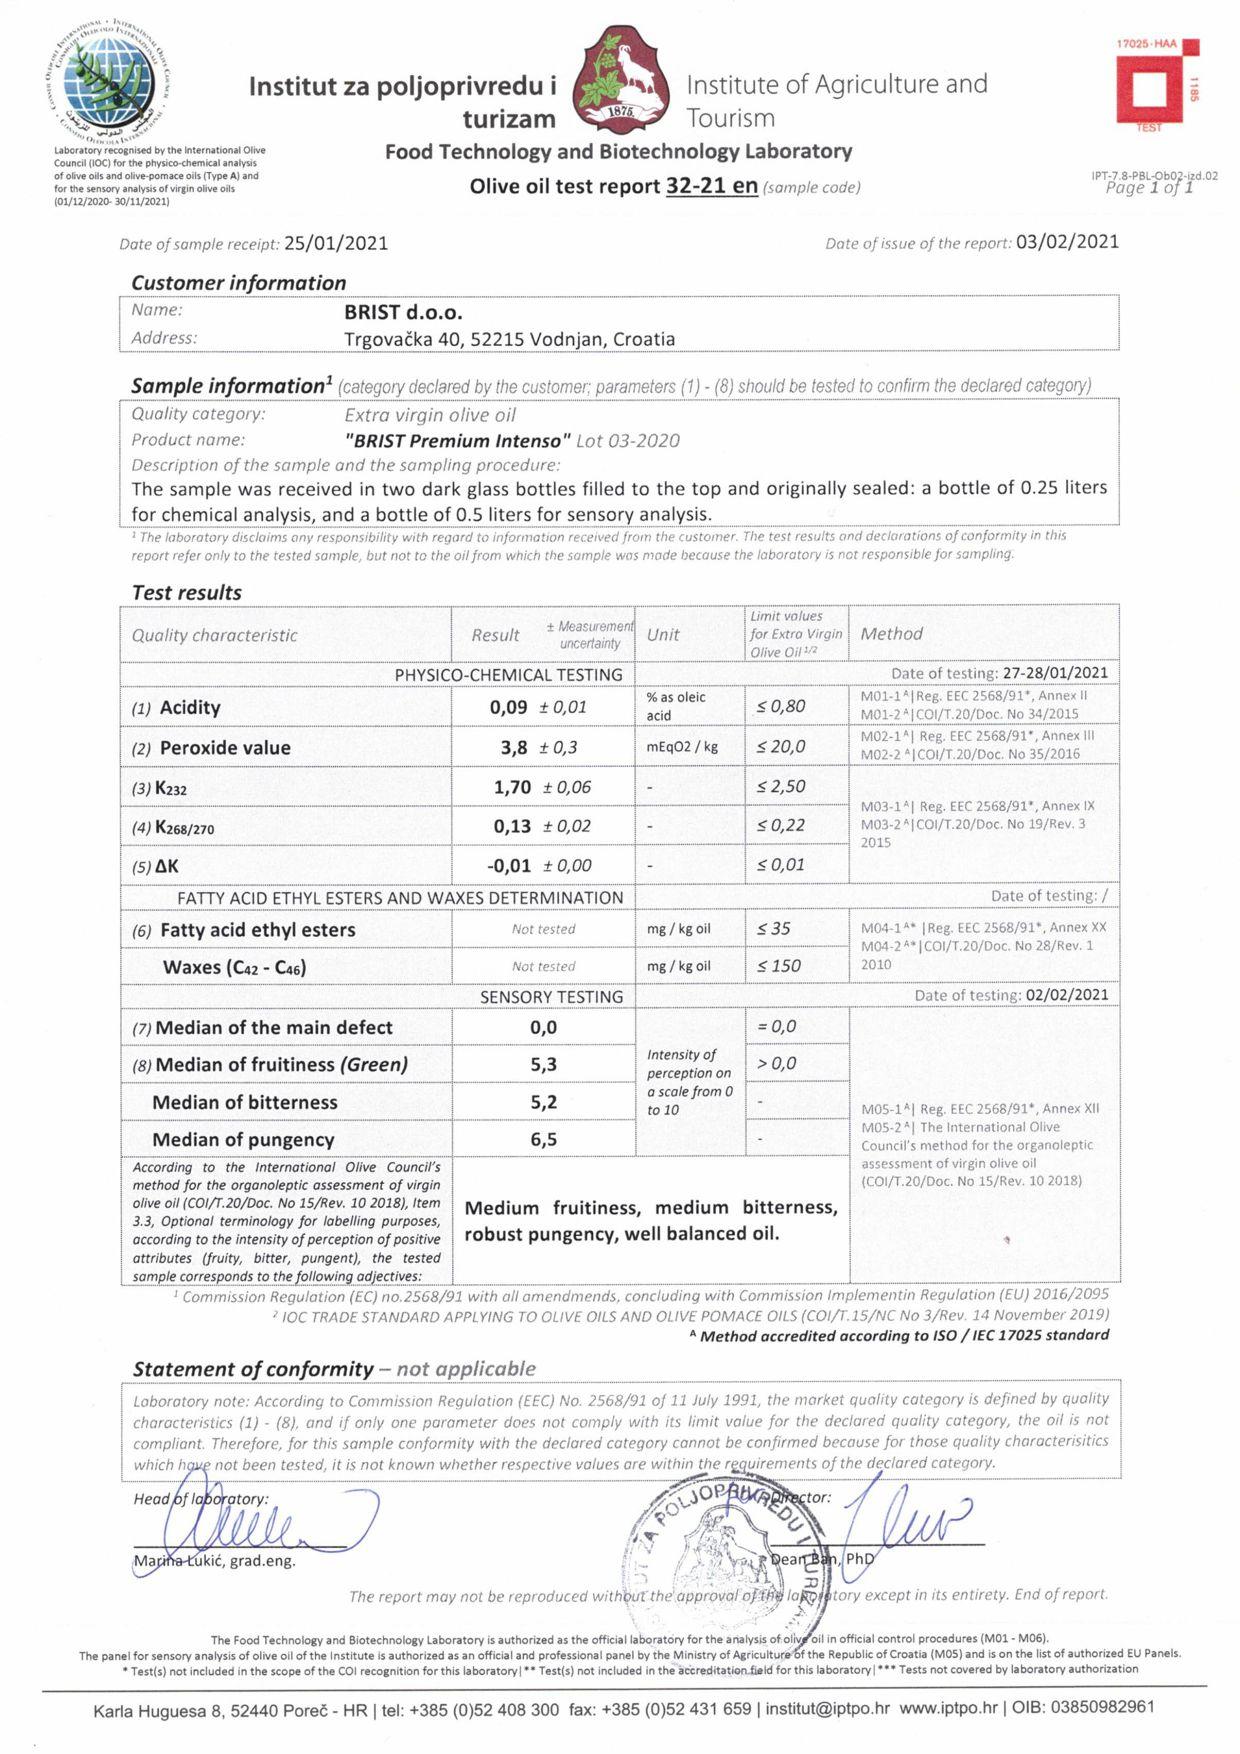 Lot 03 Intenso - Harvest 2020 - EN Web